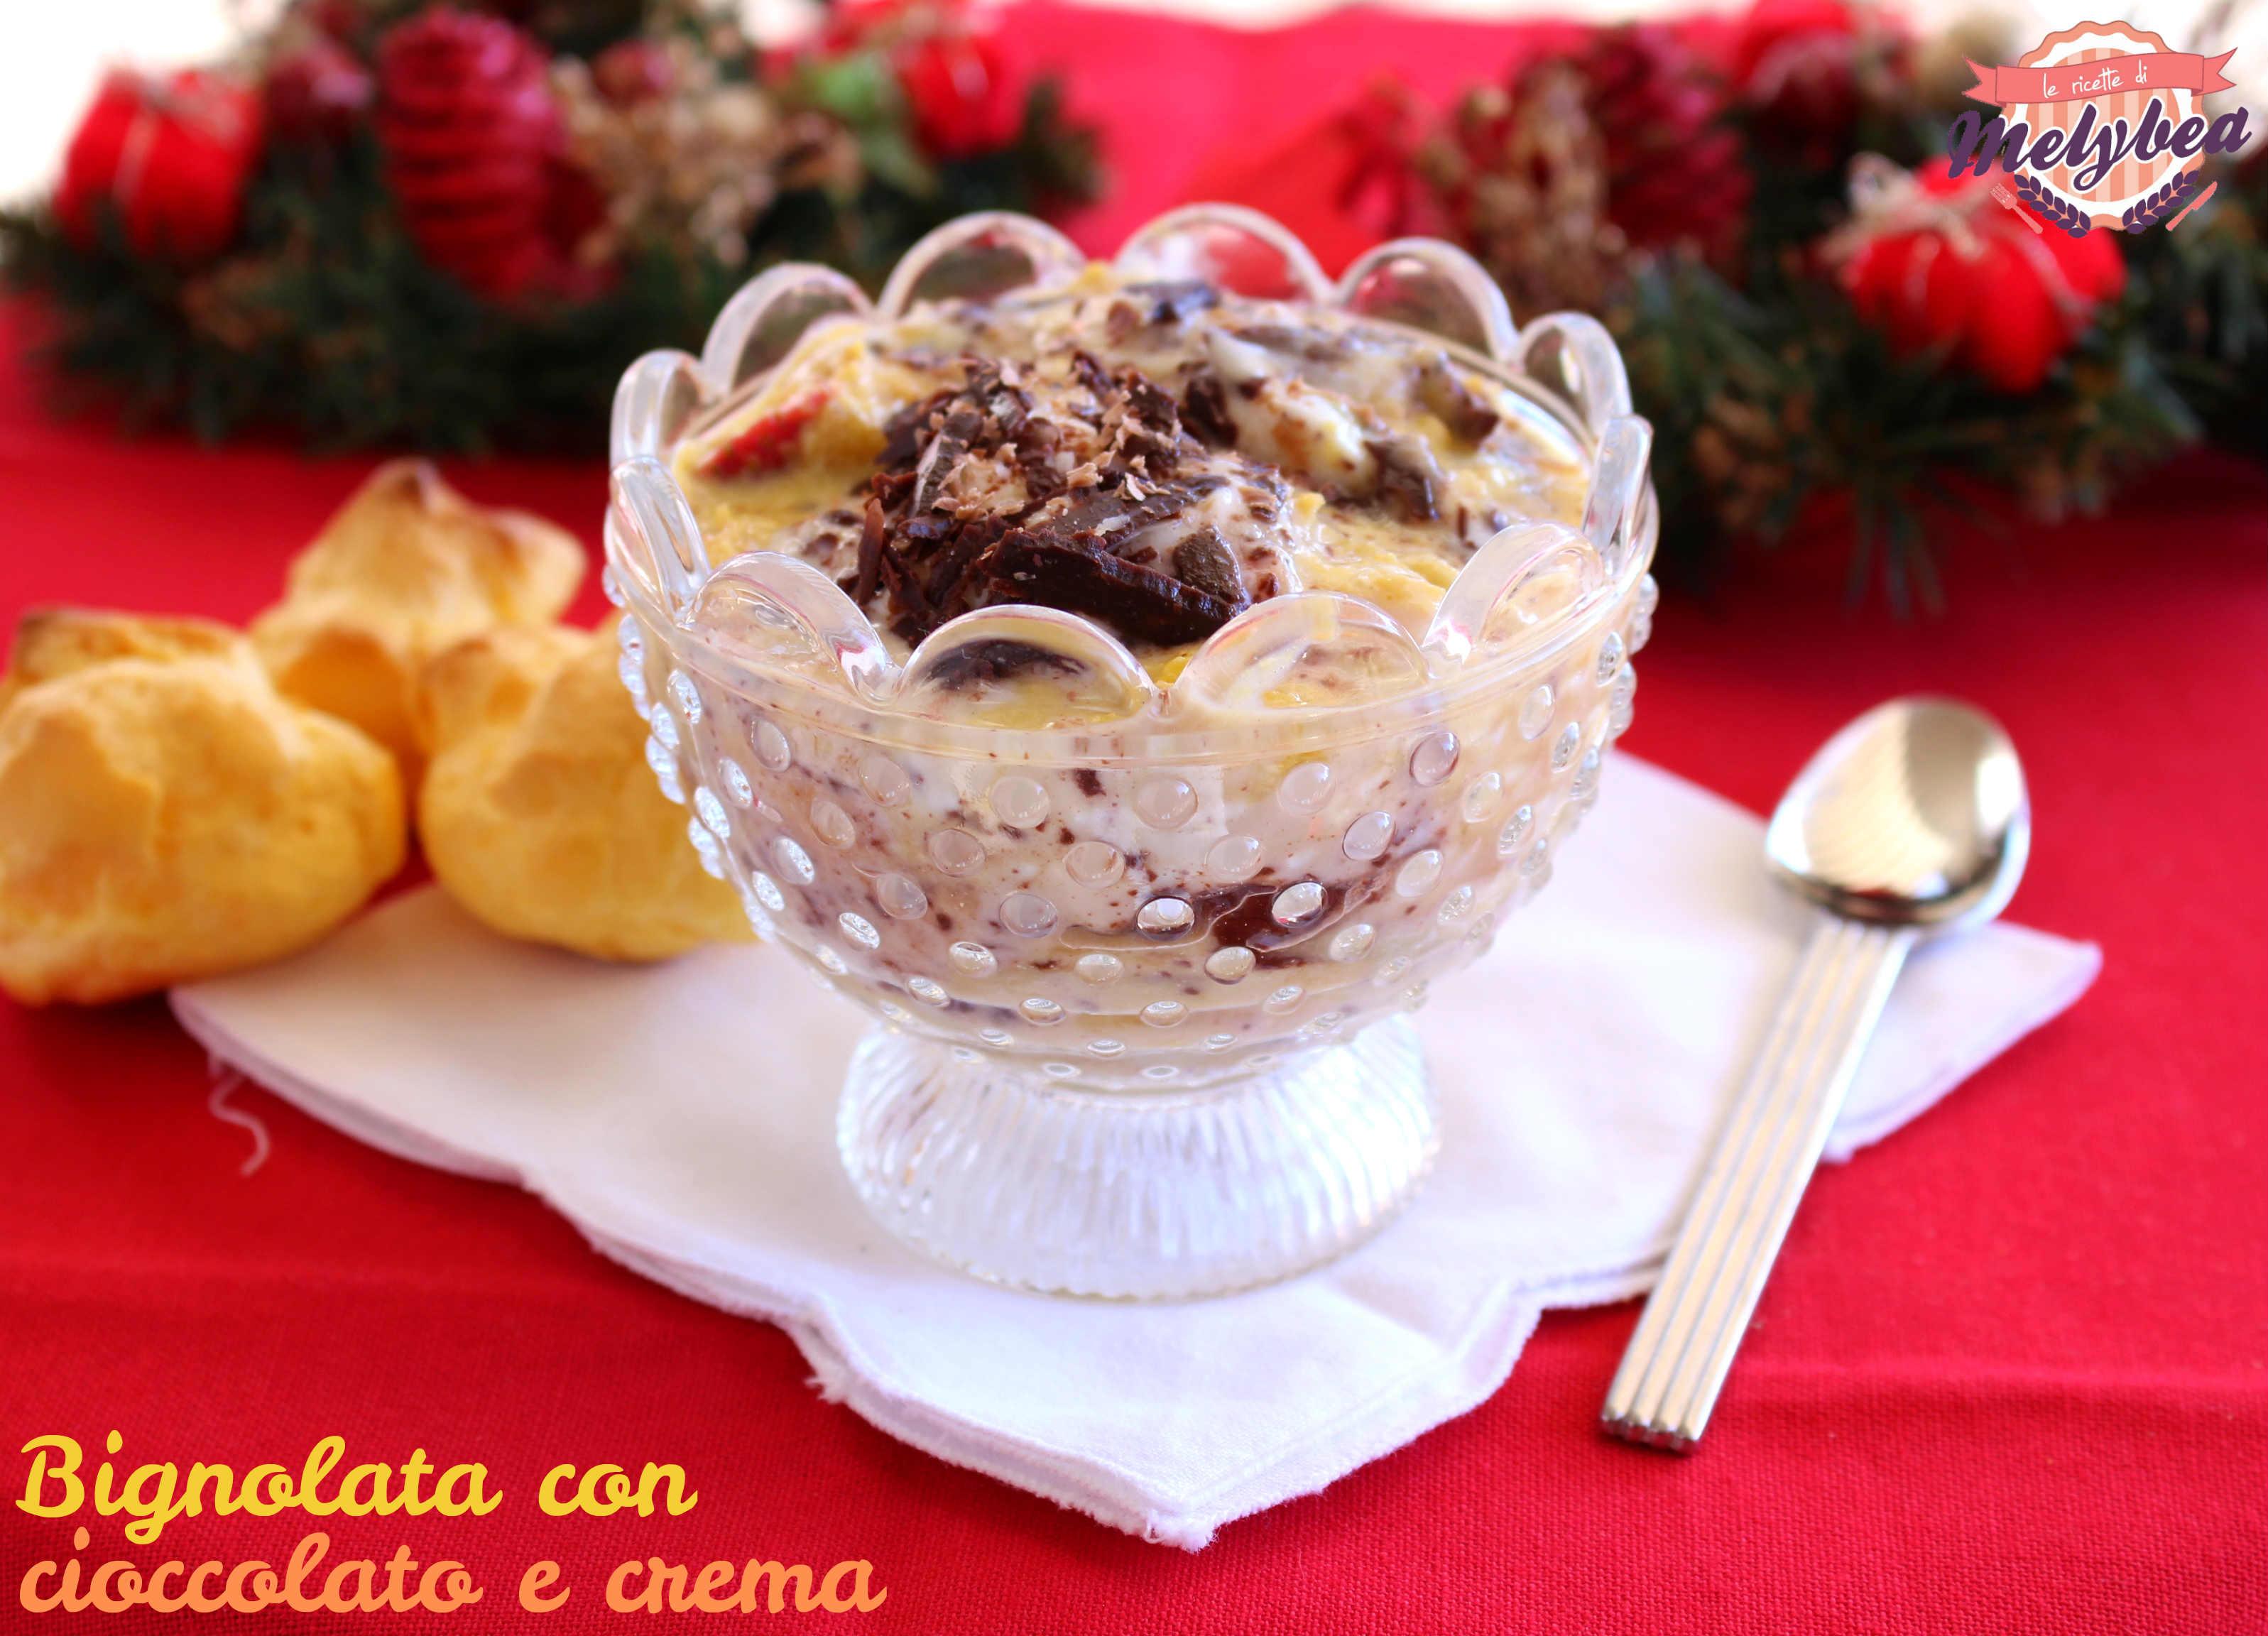 bignolata con cioccolato e crema